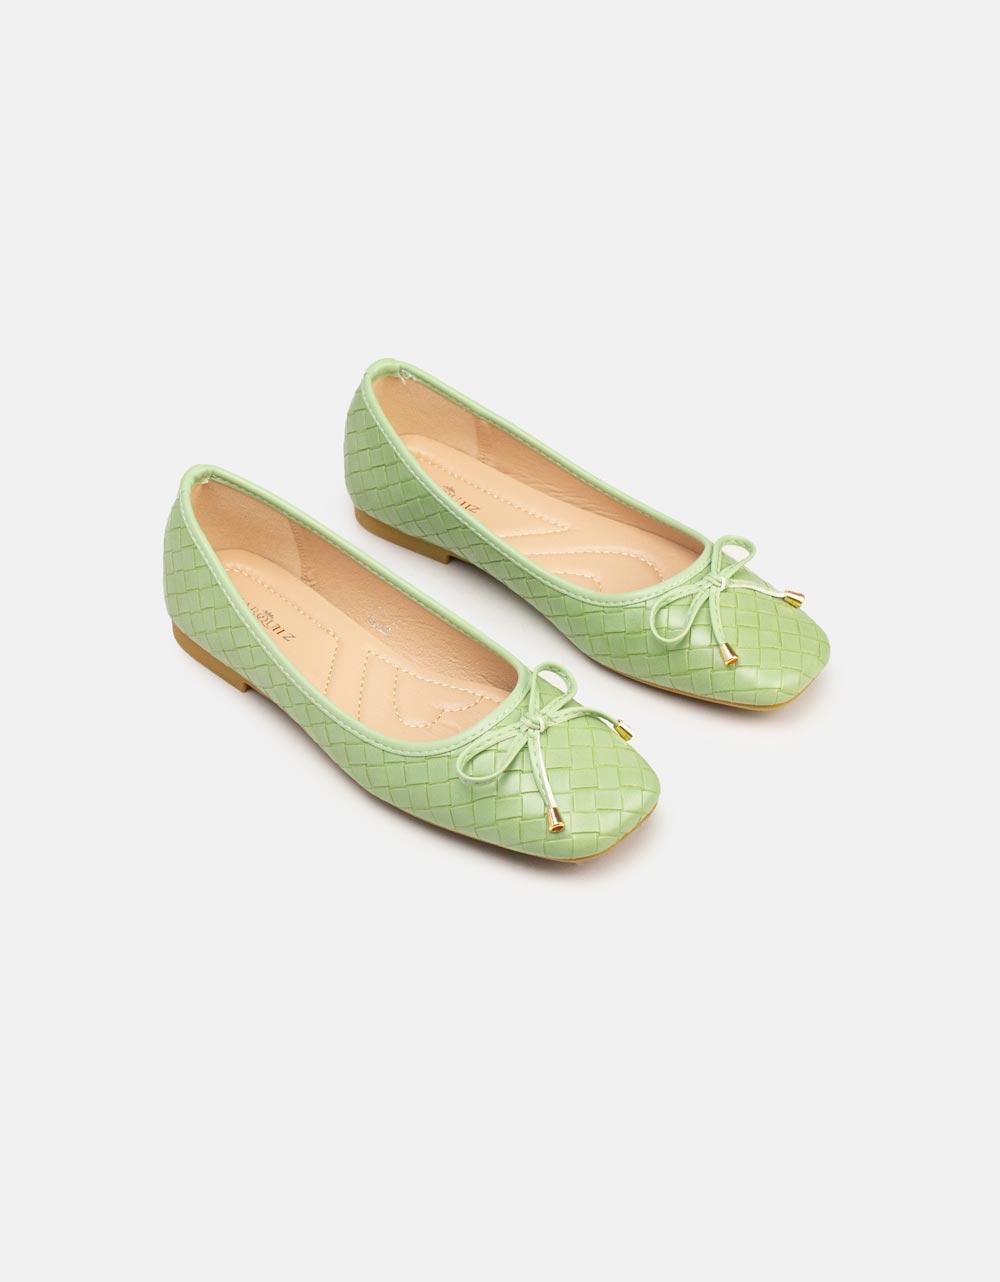 Εικόνα από Γυναικεία μπαλαρίνα με διακοσμητικό φιόγκο Πράσινο